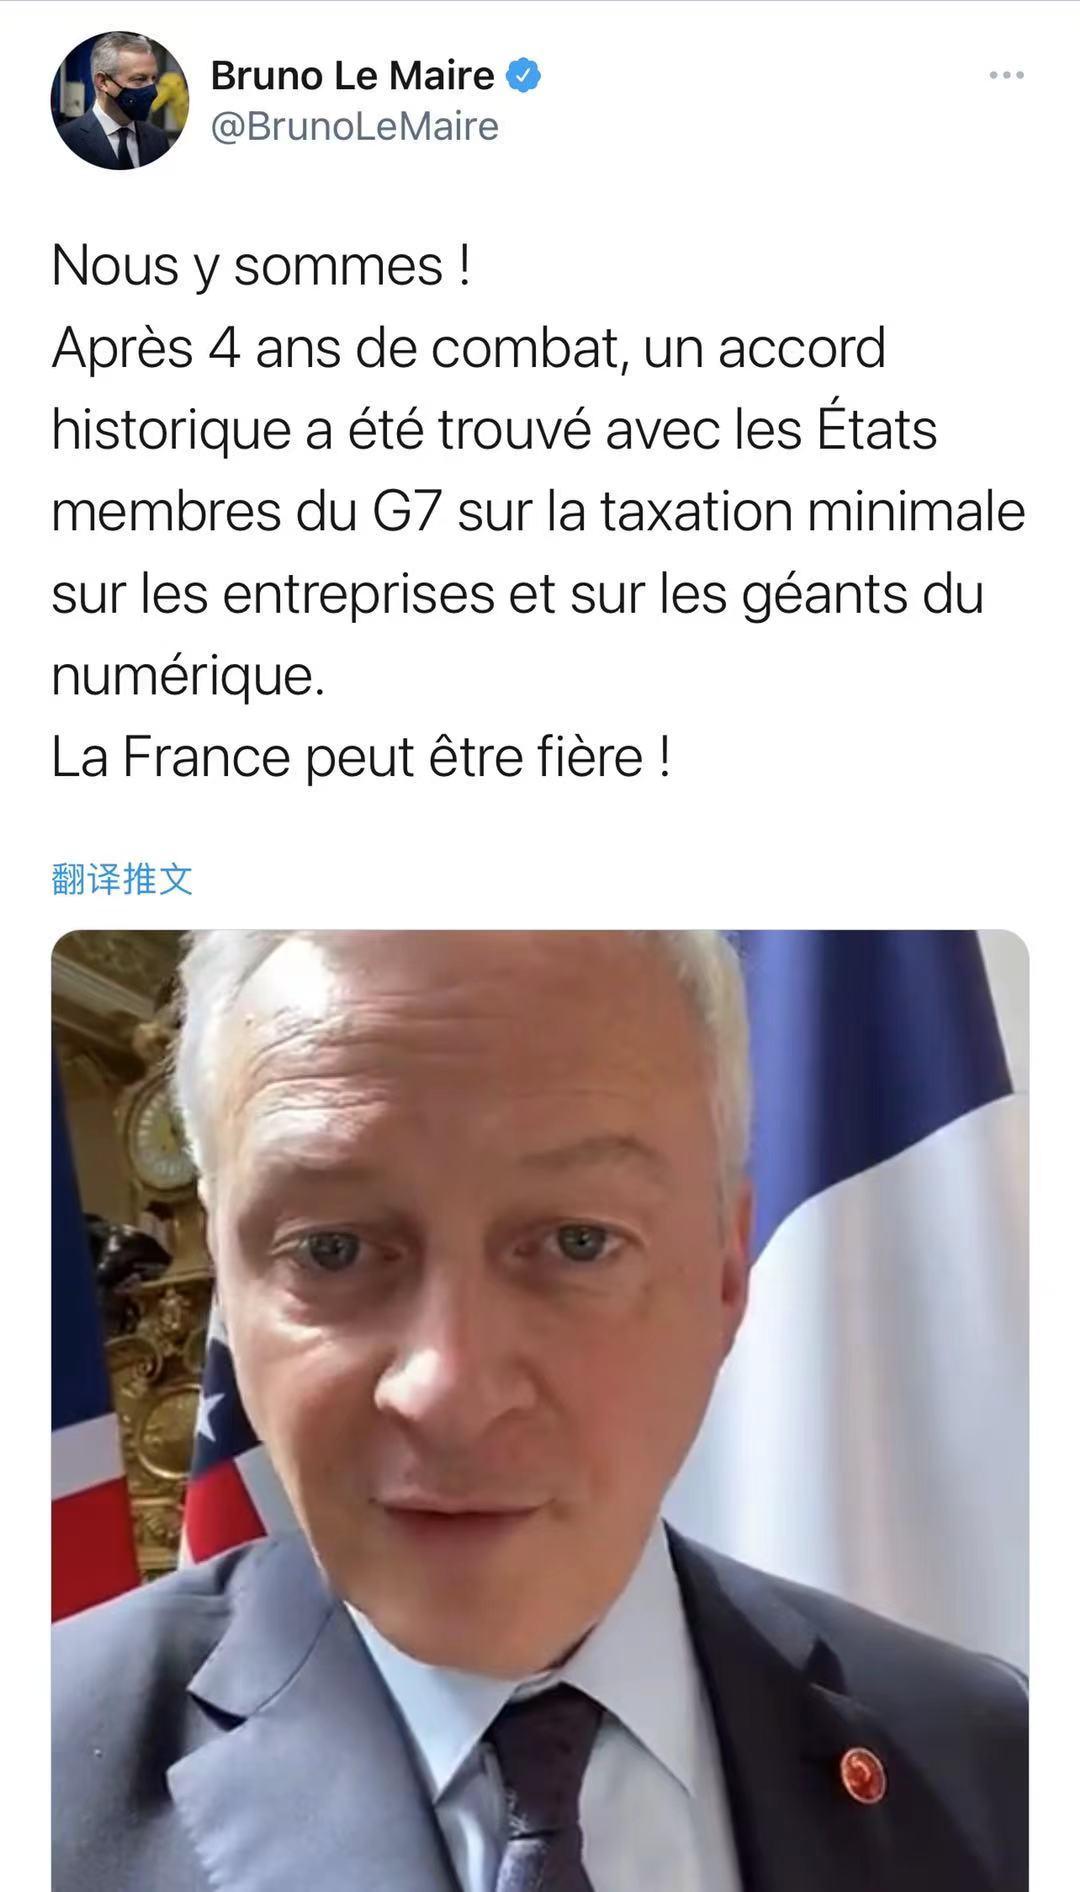 菏泽法制法国对七国集团就跨国企业最低税率达成一致表示欢迎